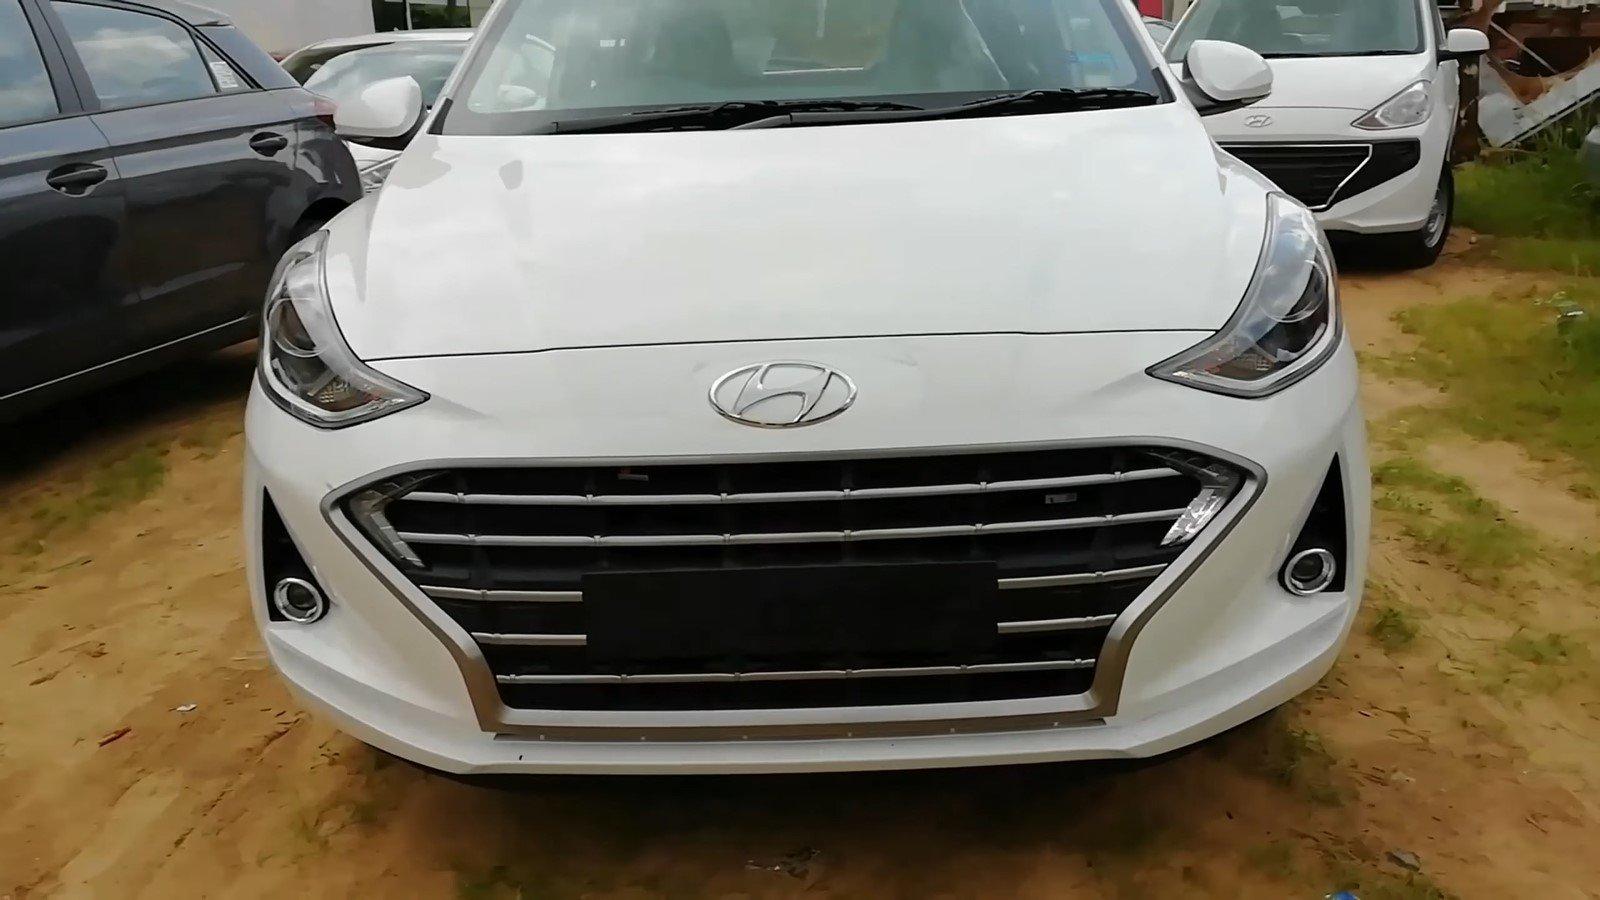 Hyundai Grand i10 2020 lộ ảnh thực tế đầy mới mẻ trước ngày ra mắt a2